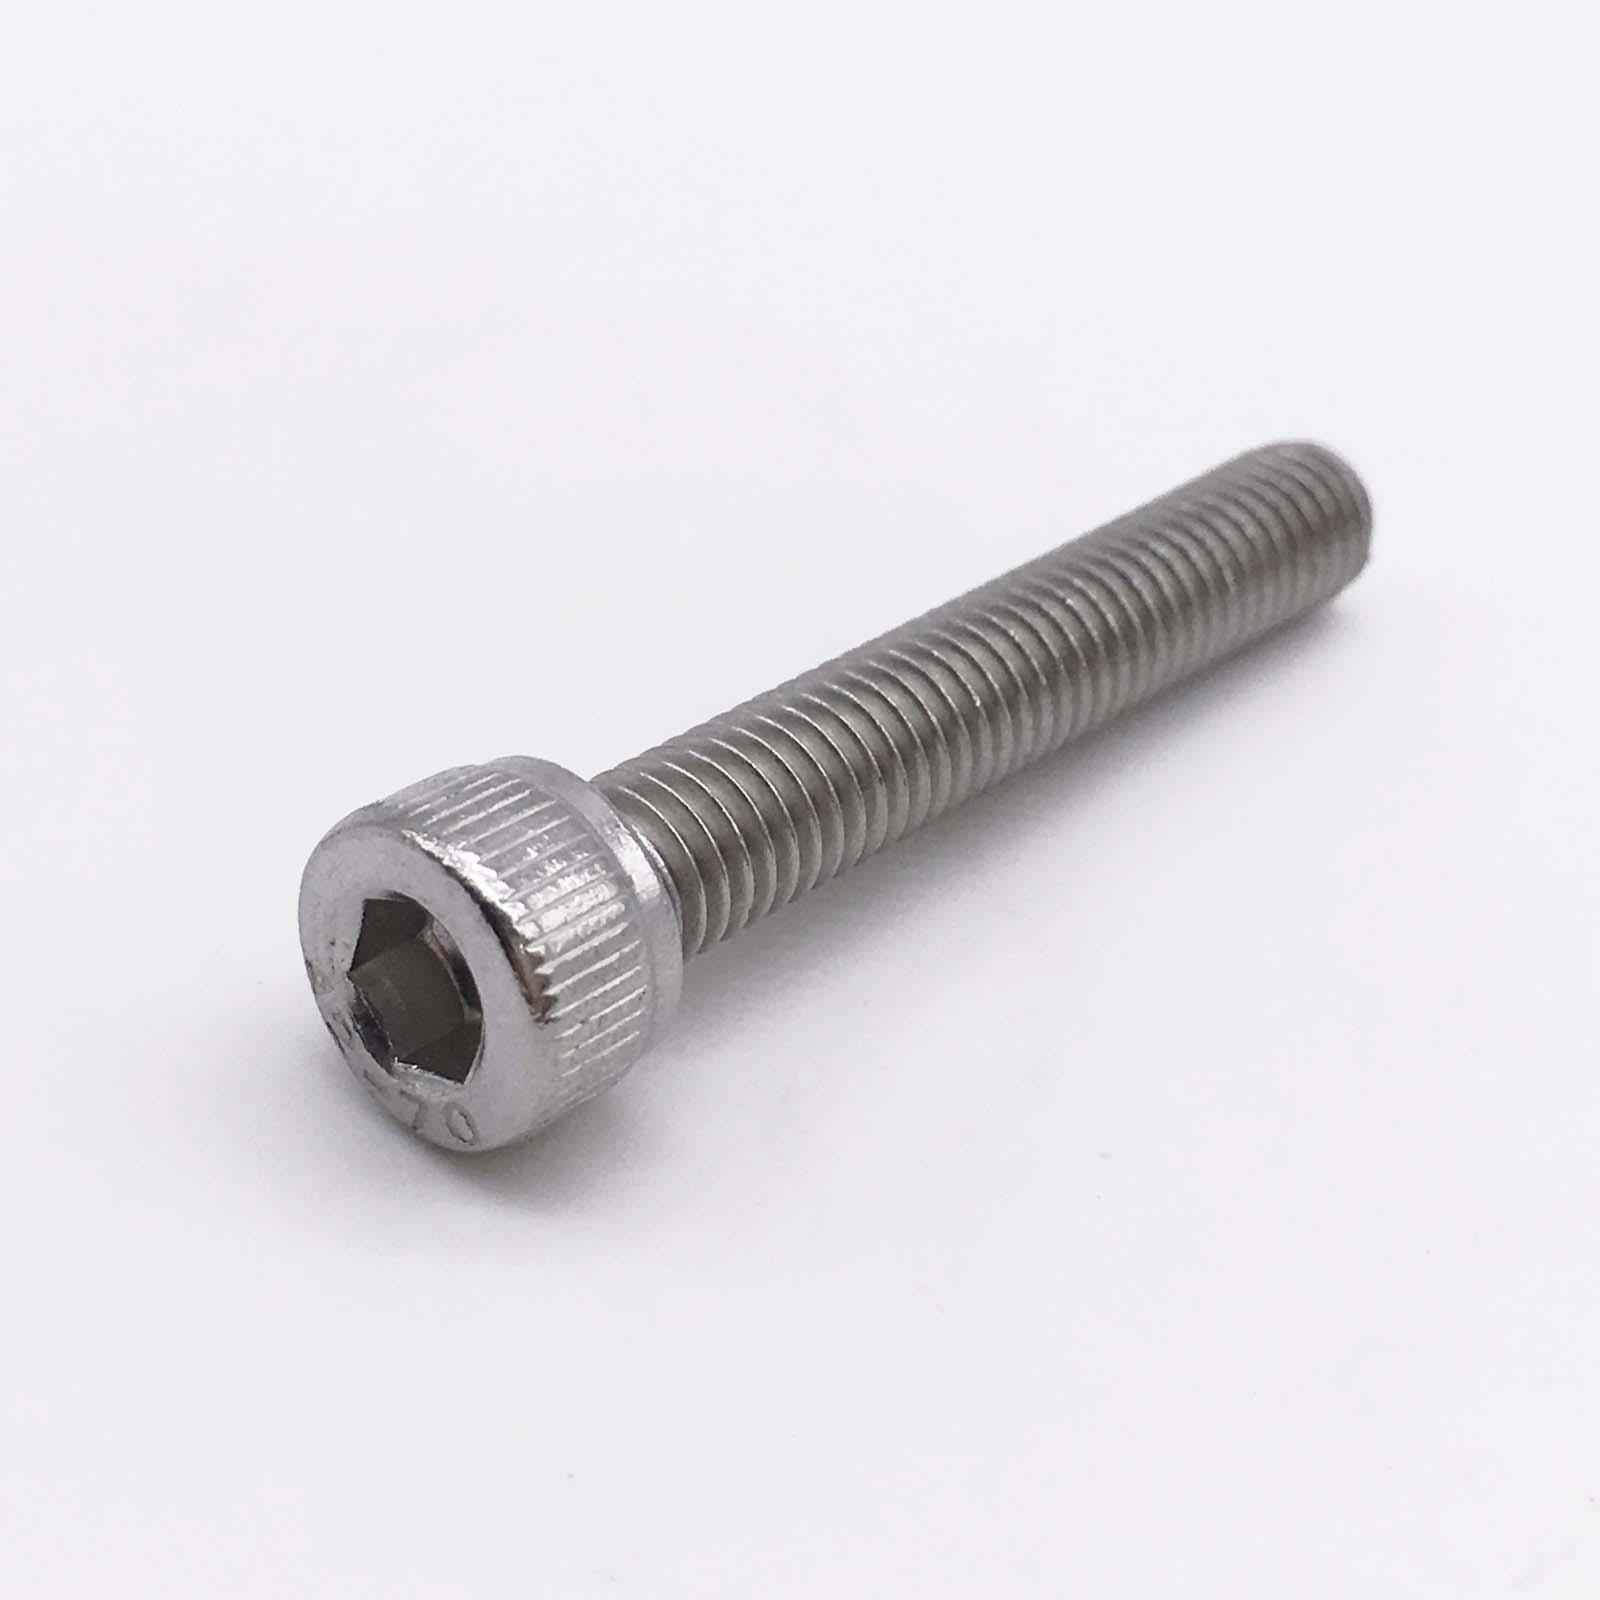 Здесь можно купить  M2.5 X 8 DIN912 Socket Cap Screw A2 1000pcs/lot  Аппаратные средства